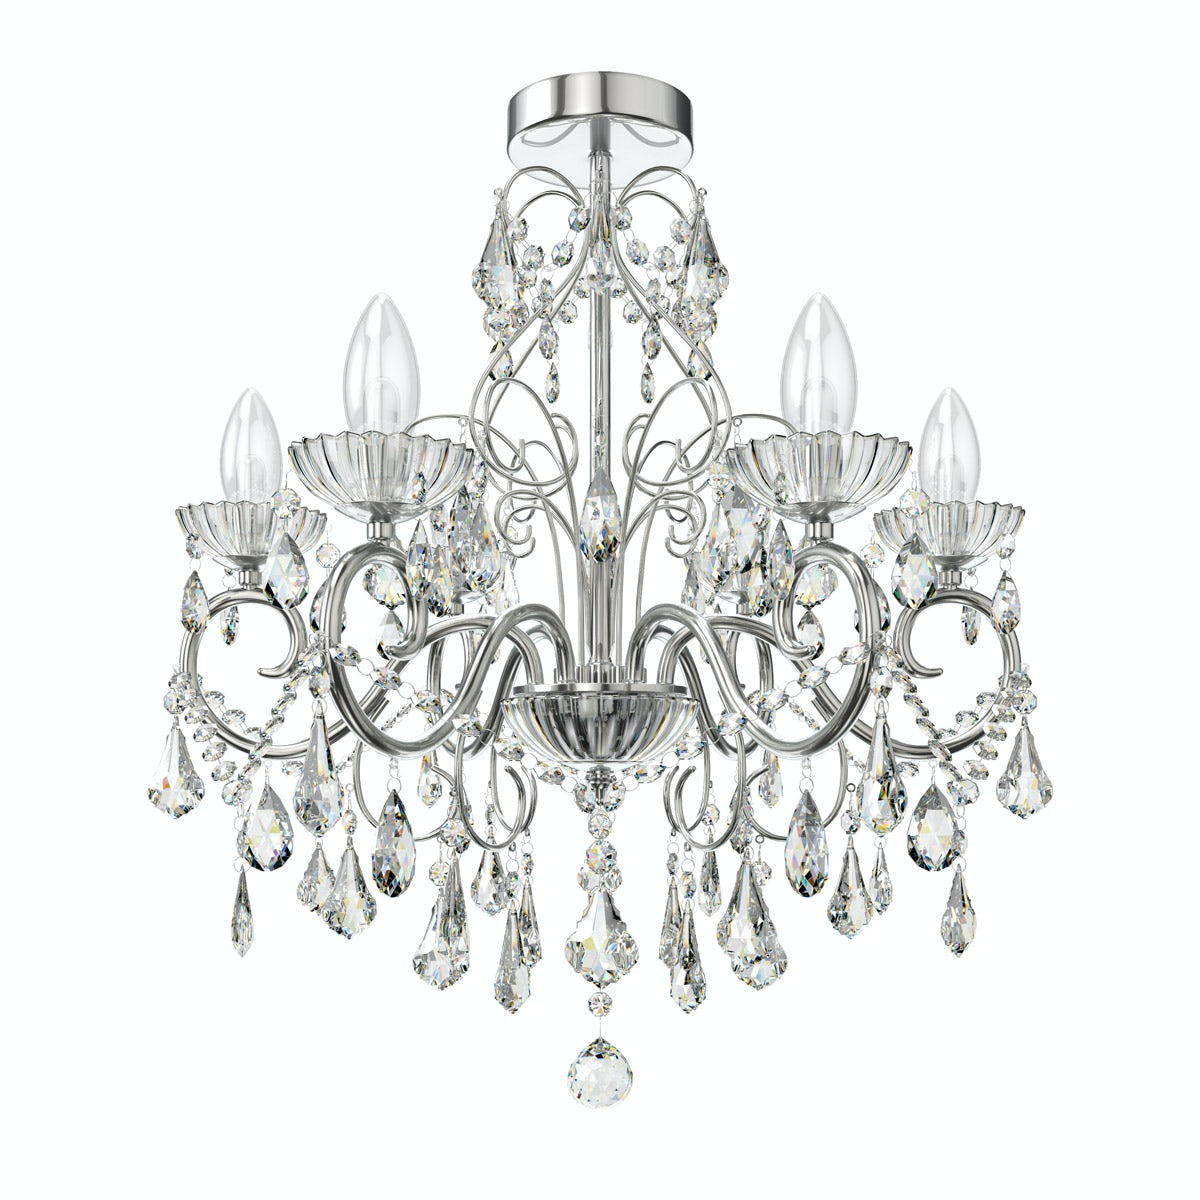 Forum Solen 5 light bathroom chandelier at VictoriaPlum.com